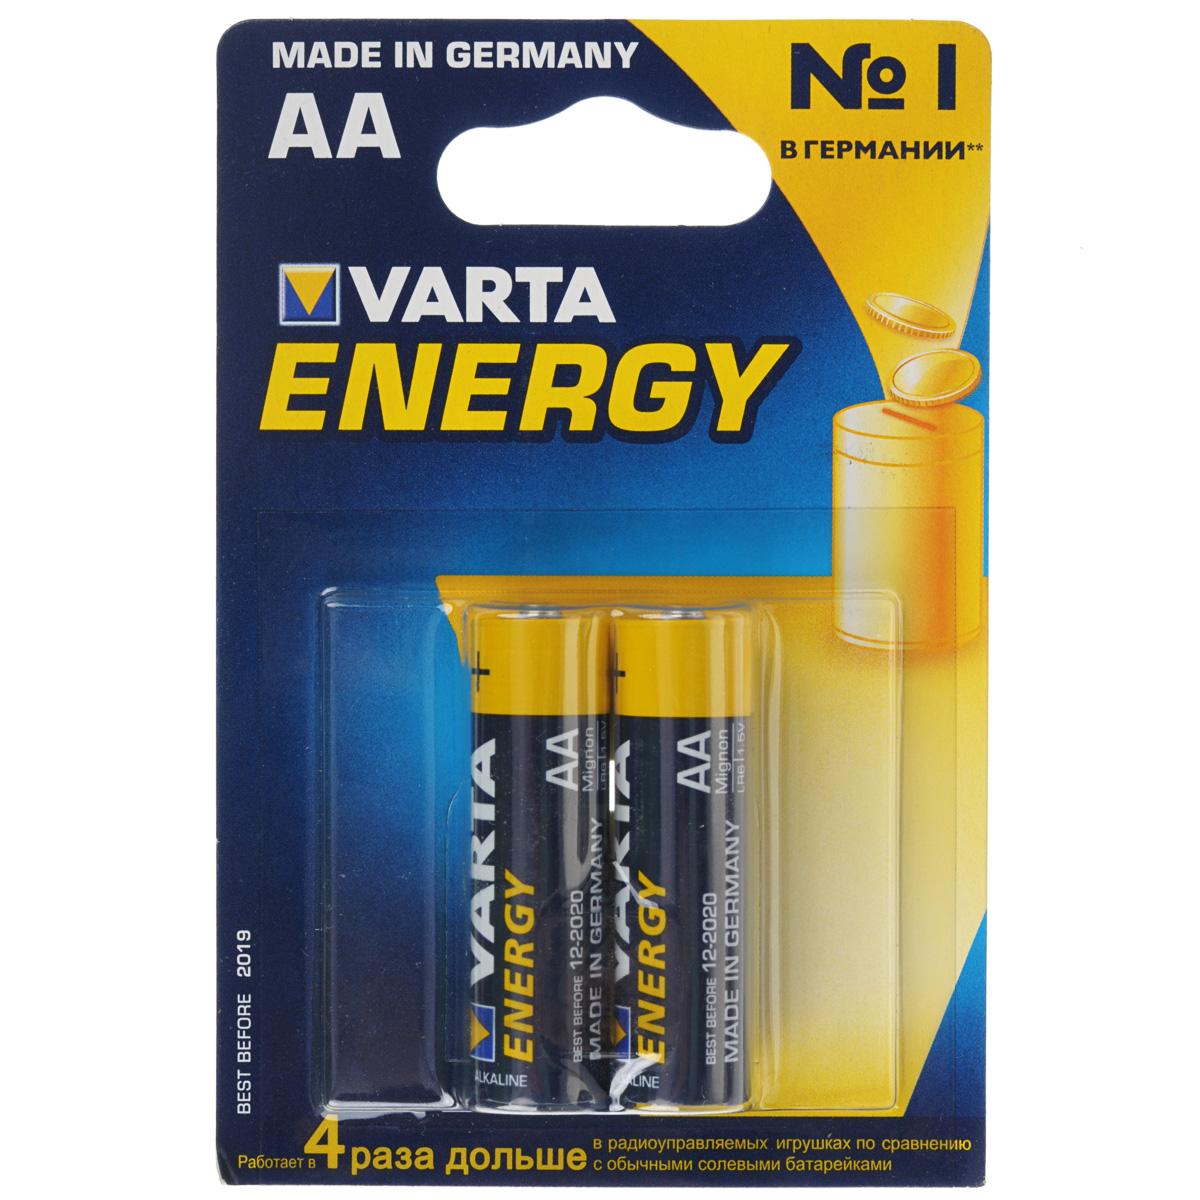 Батарейка Varta Energy, тип АА, 1,5В, 2 шт38Алкалиновые батарейки Varta Energy отличаются долгим сроком работы, подходят для аудио- видео- техники, а также другой электроники и бытовых приборов. Сделаны из качественных материалов.